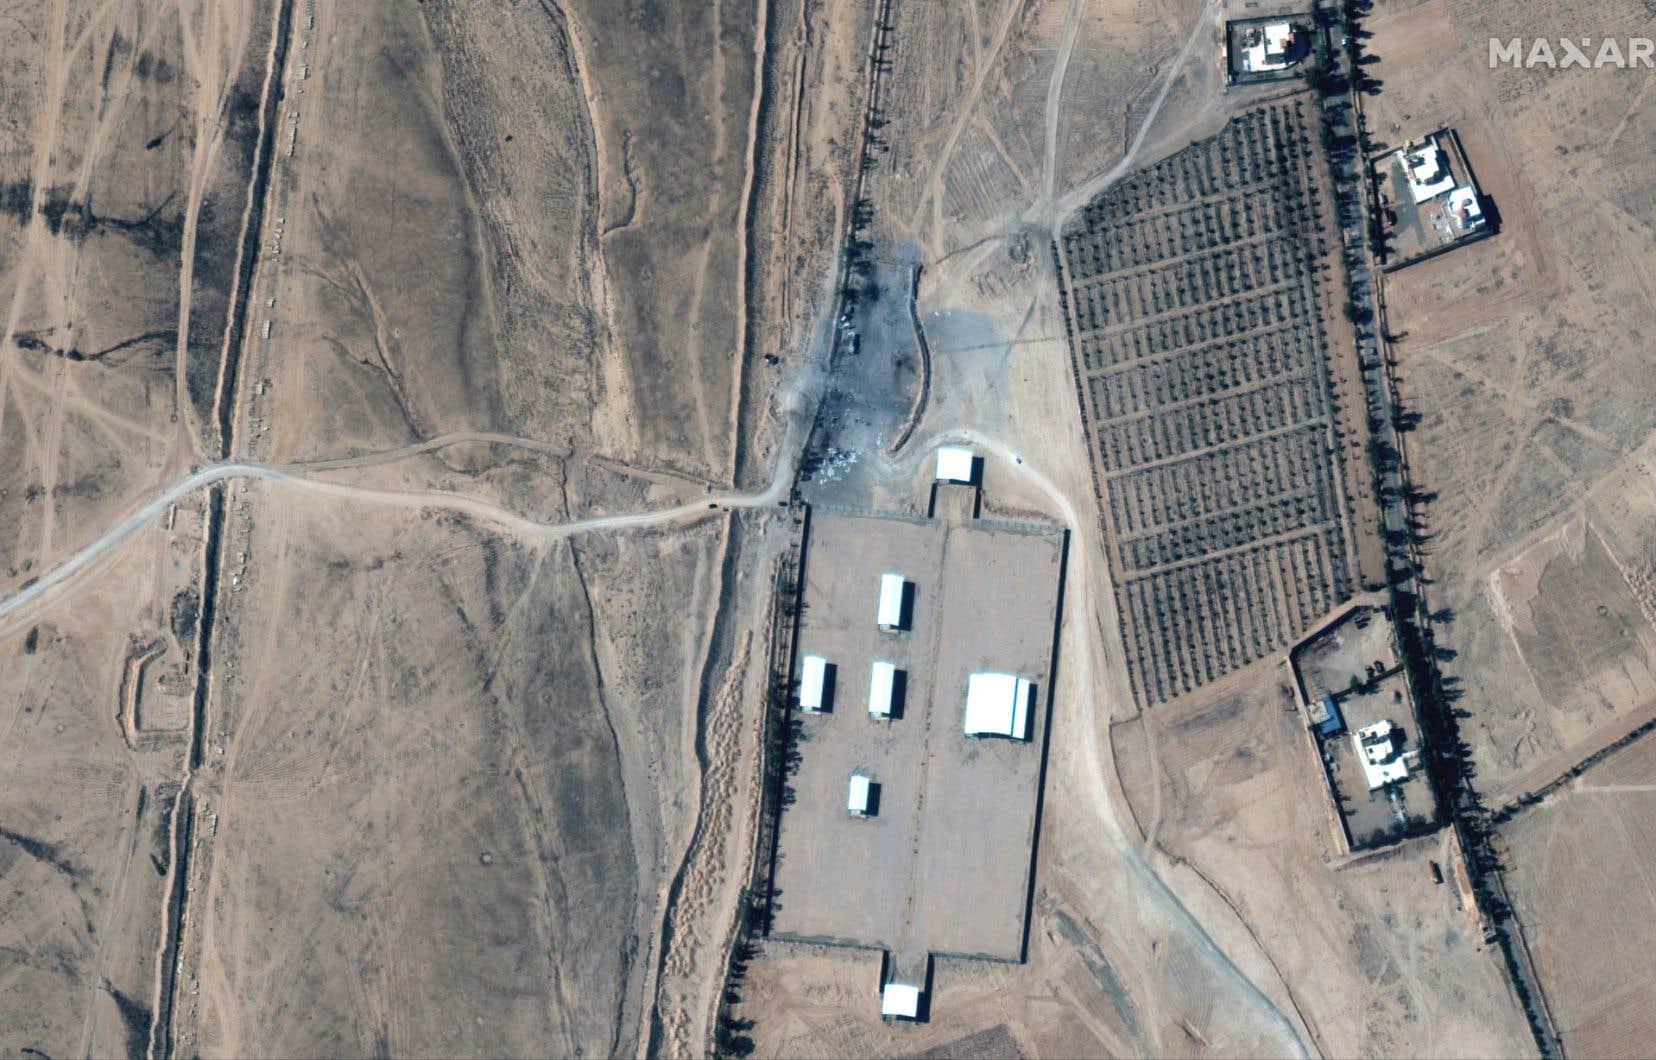 Image satellite montrant la zone ciblée par les frappes aériennes américaines en Irak.